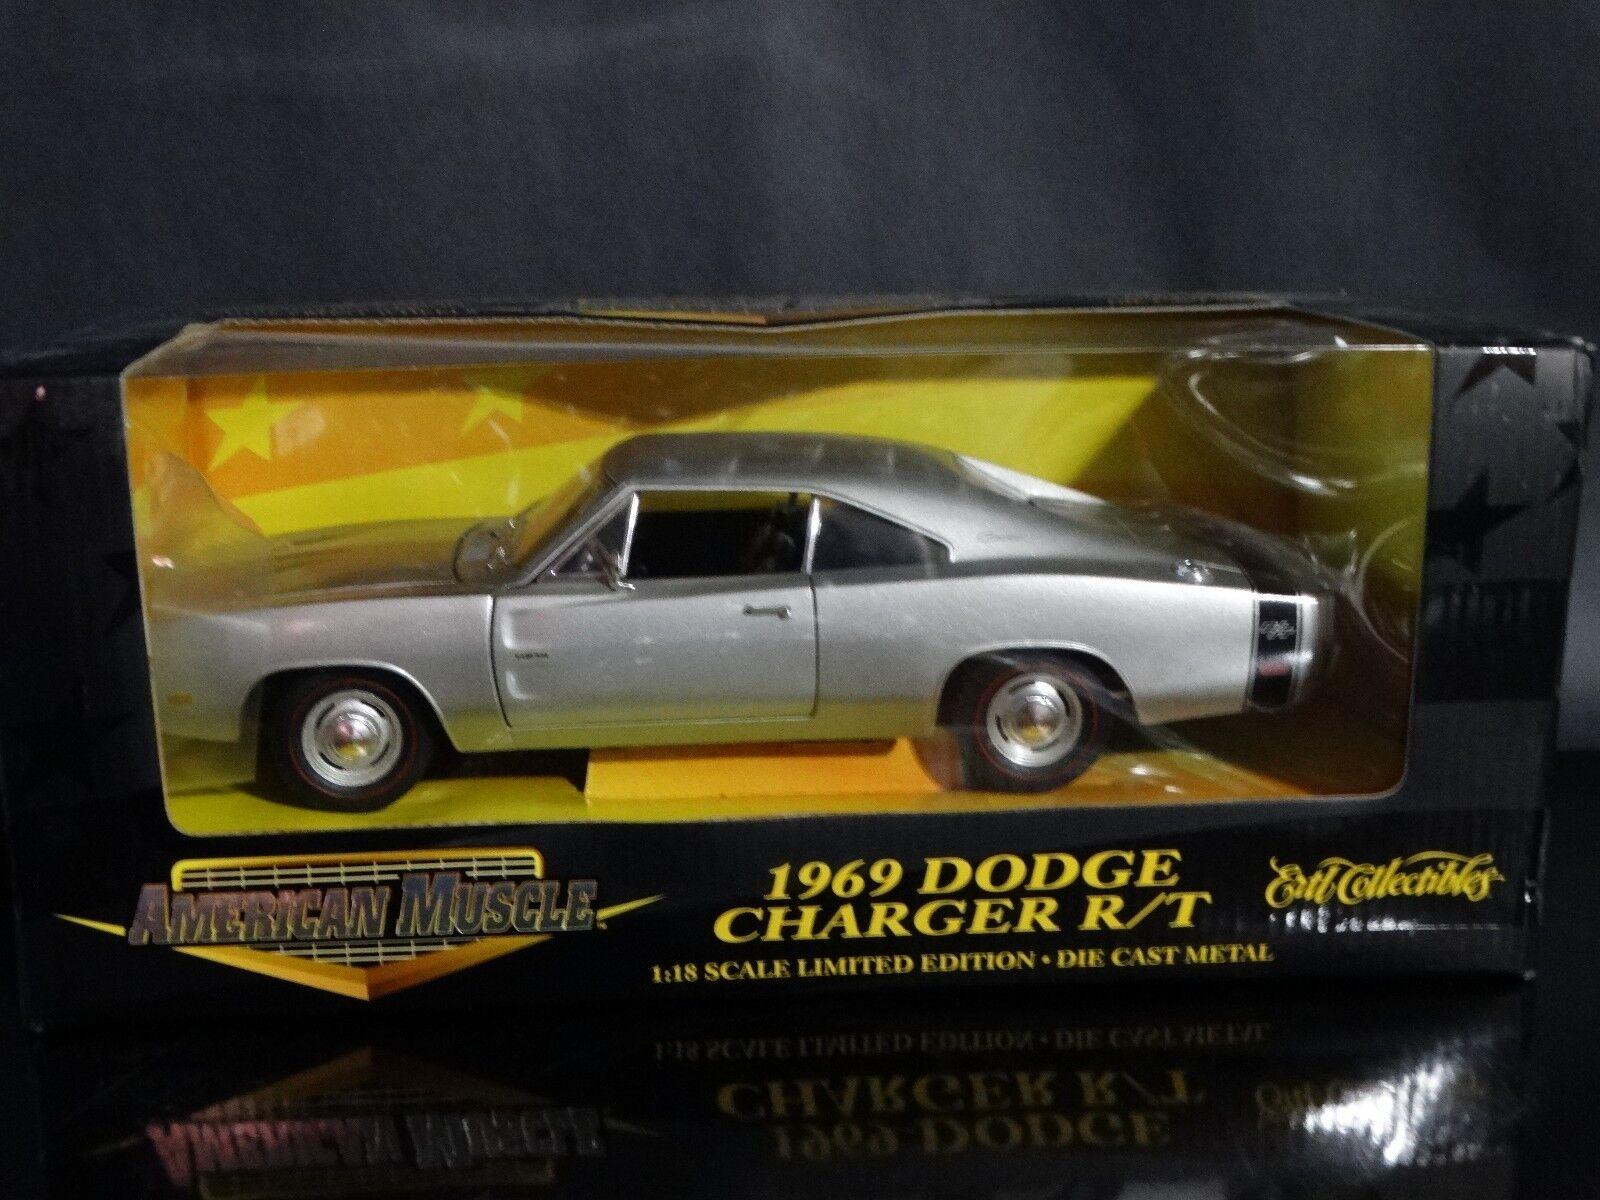 ERTL American Muscle 1969 Dodge Charger R T Argent échelle 1 18 Diecast muscle car